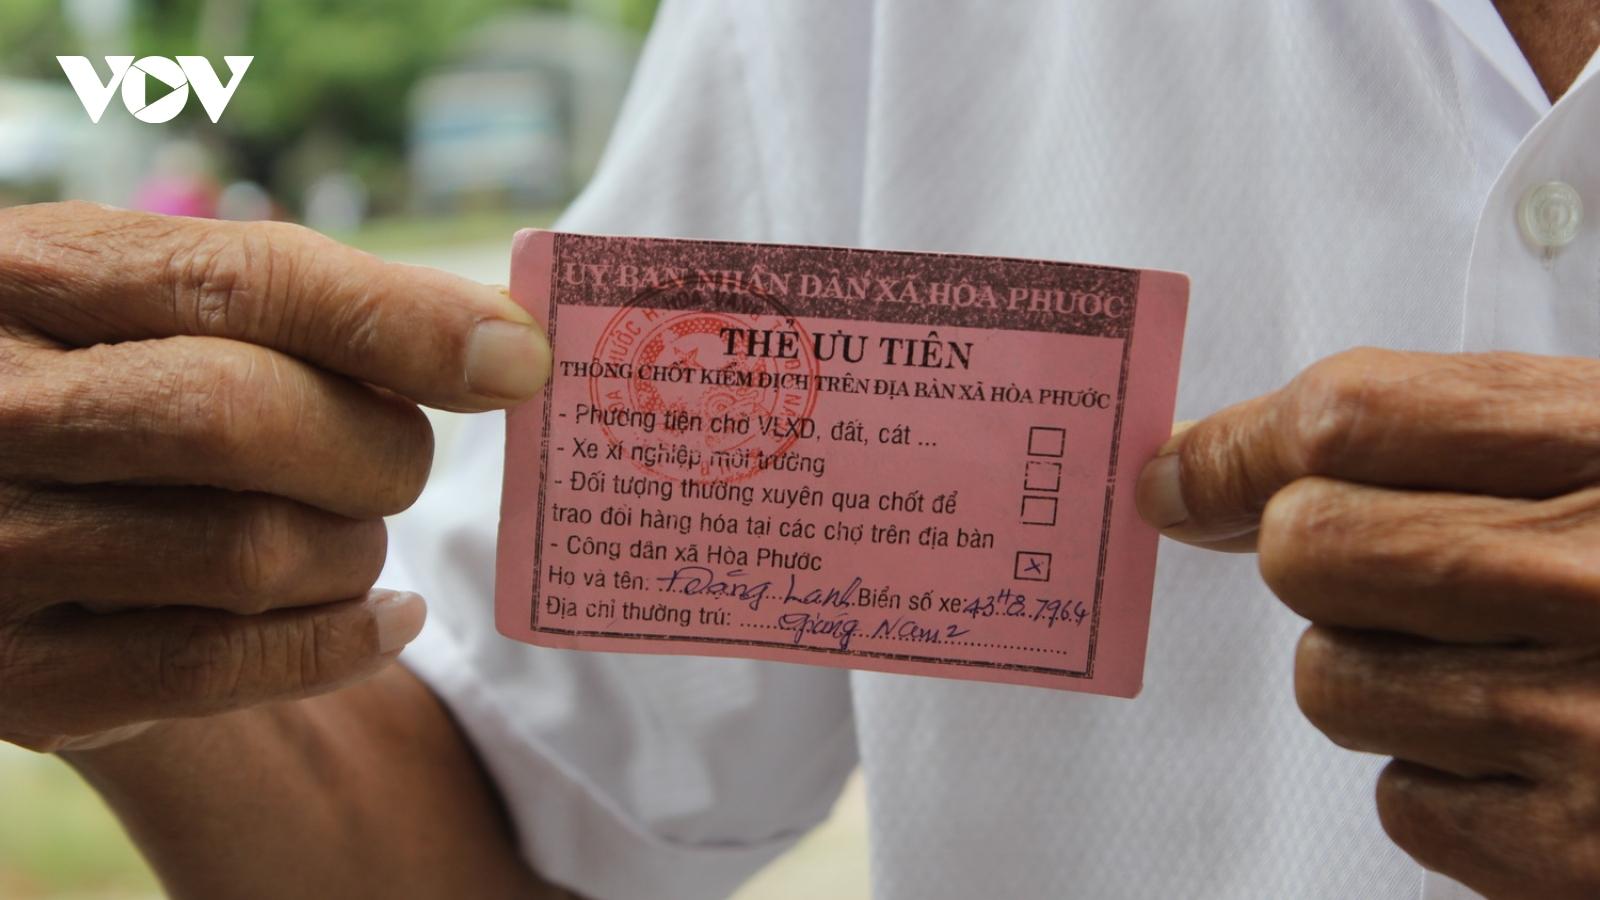 Đà Nẵng linh hoạt cấp thẻ ưu tiên thông hành cho người dân ở khu vực có chốt kiểm dịch